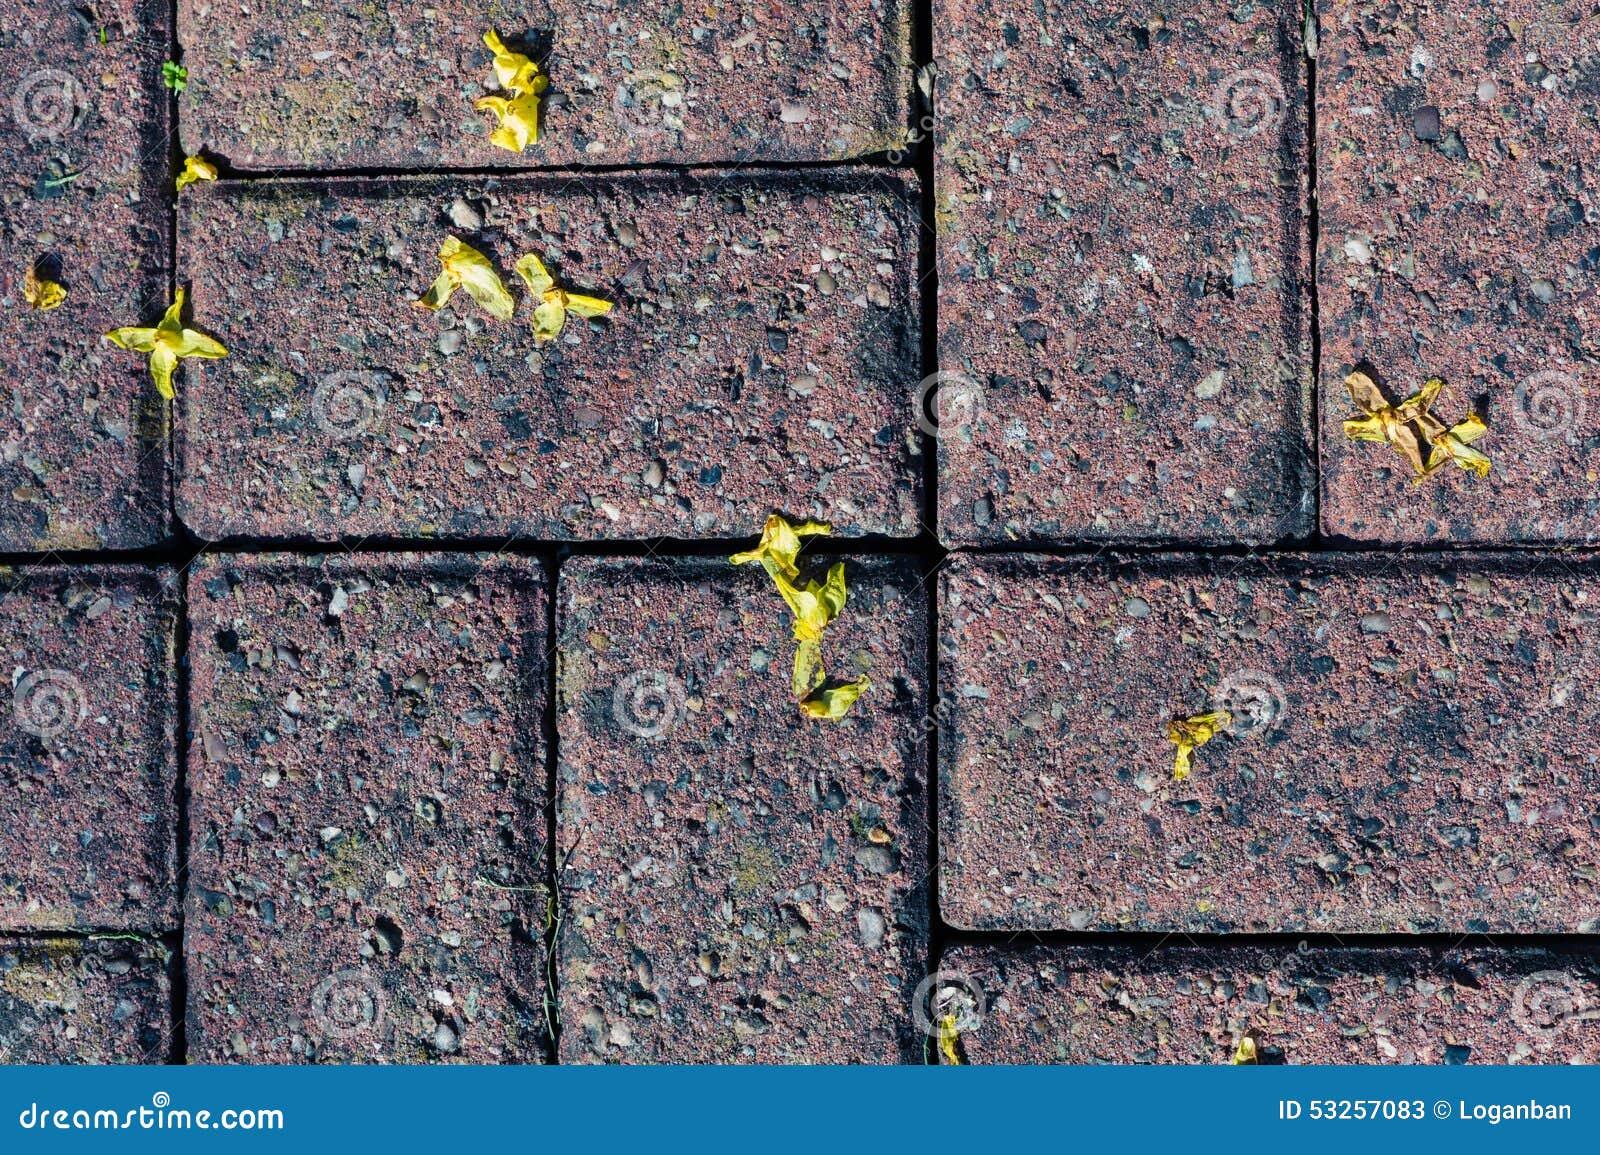 Tegels Voor Buiten : Bloemen op tegels buiten stock afbeelding. afbeelding bestaande uit